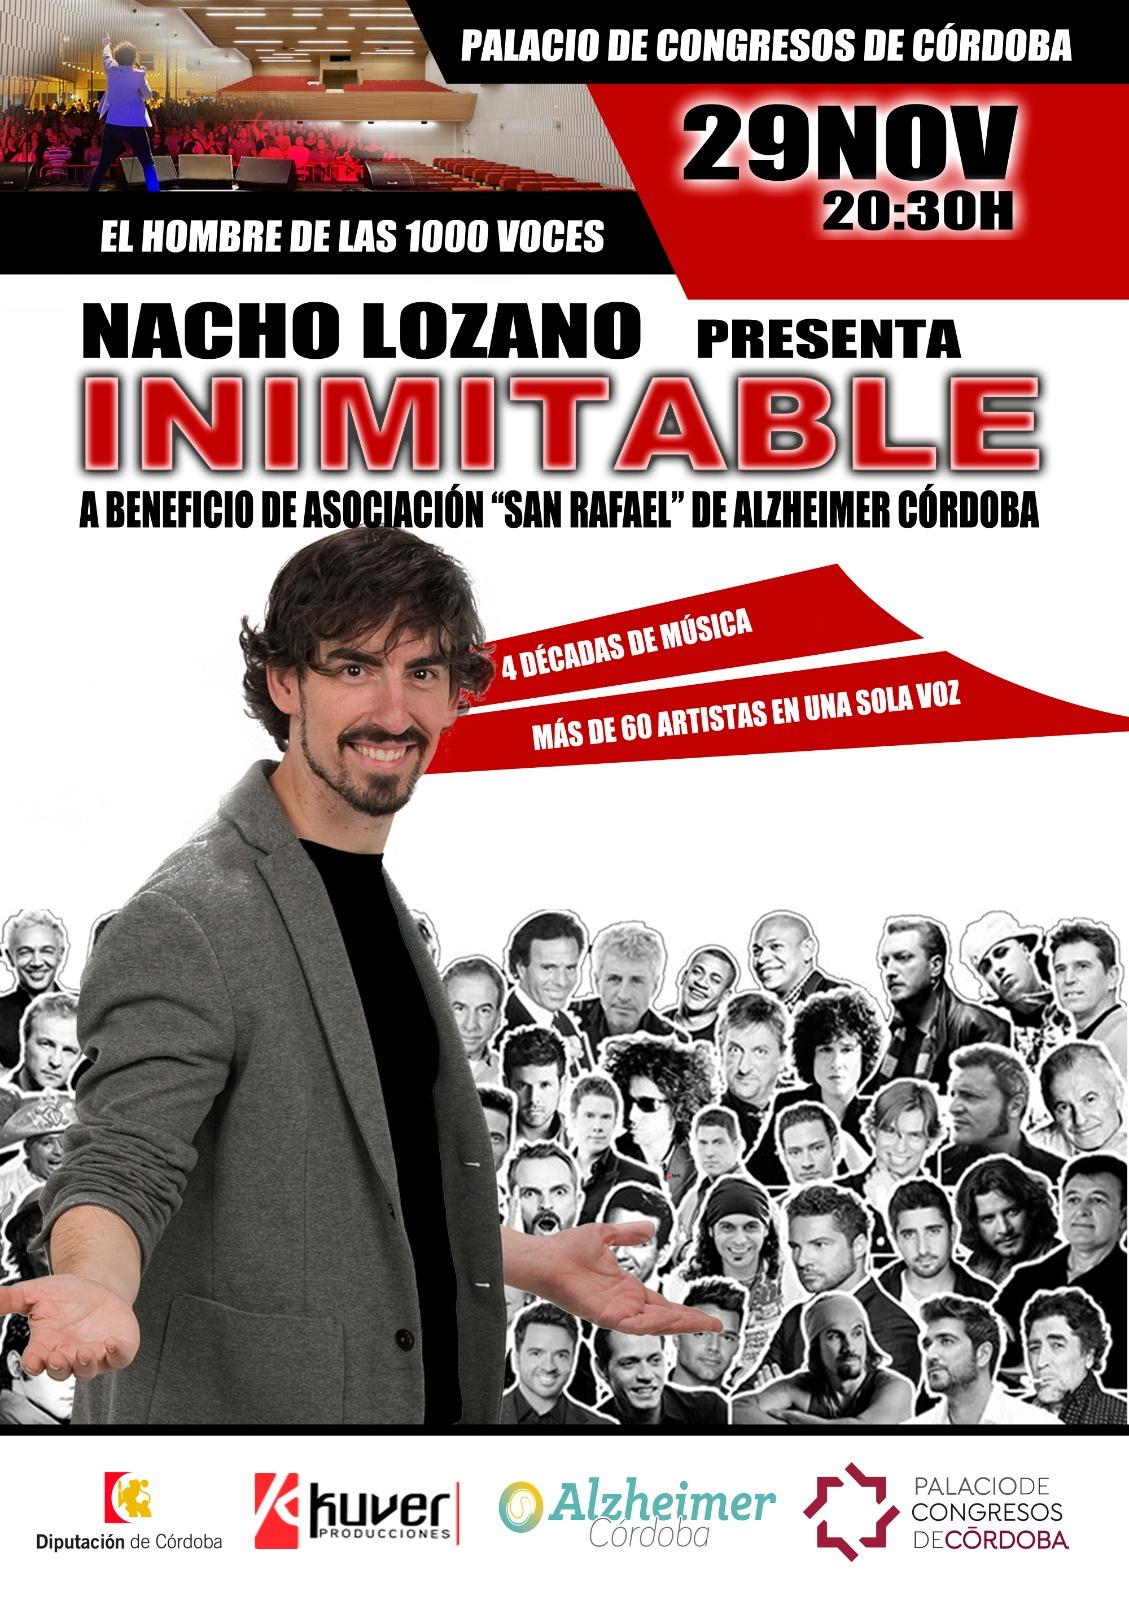 La Asociación San Rafael organiza el show 'Inimitable', de Nacho Lozano